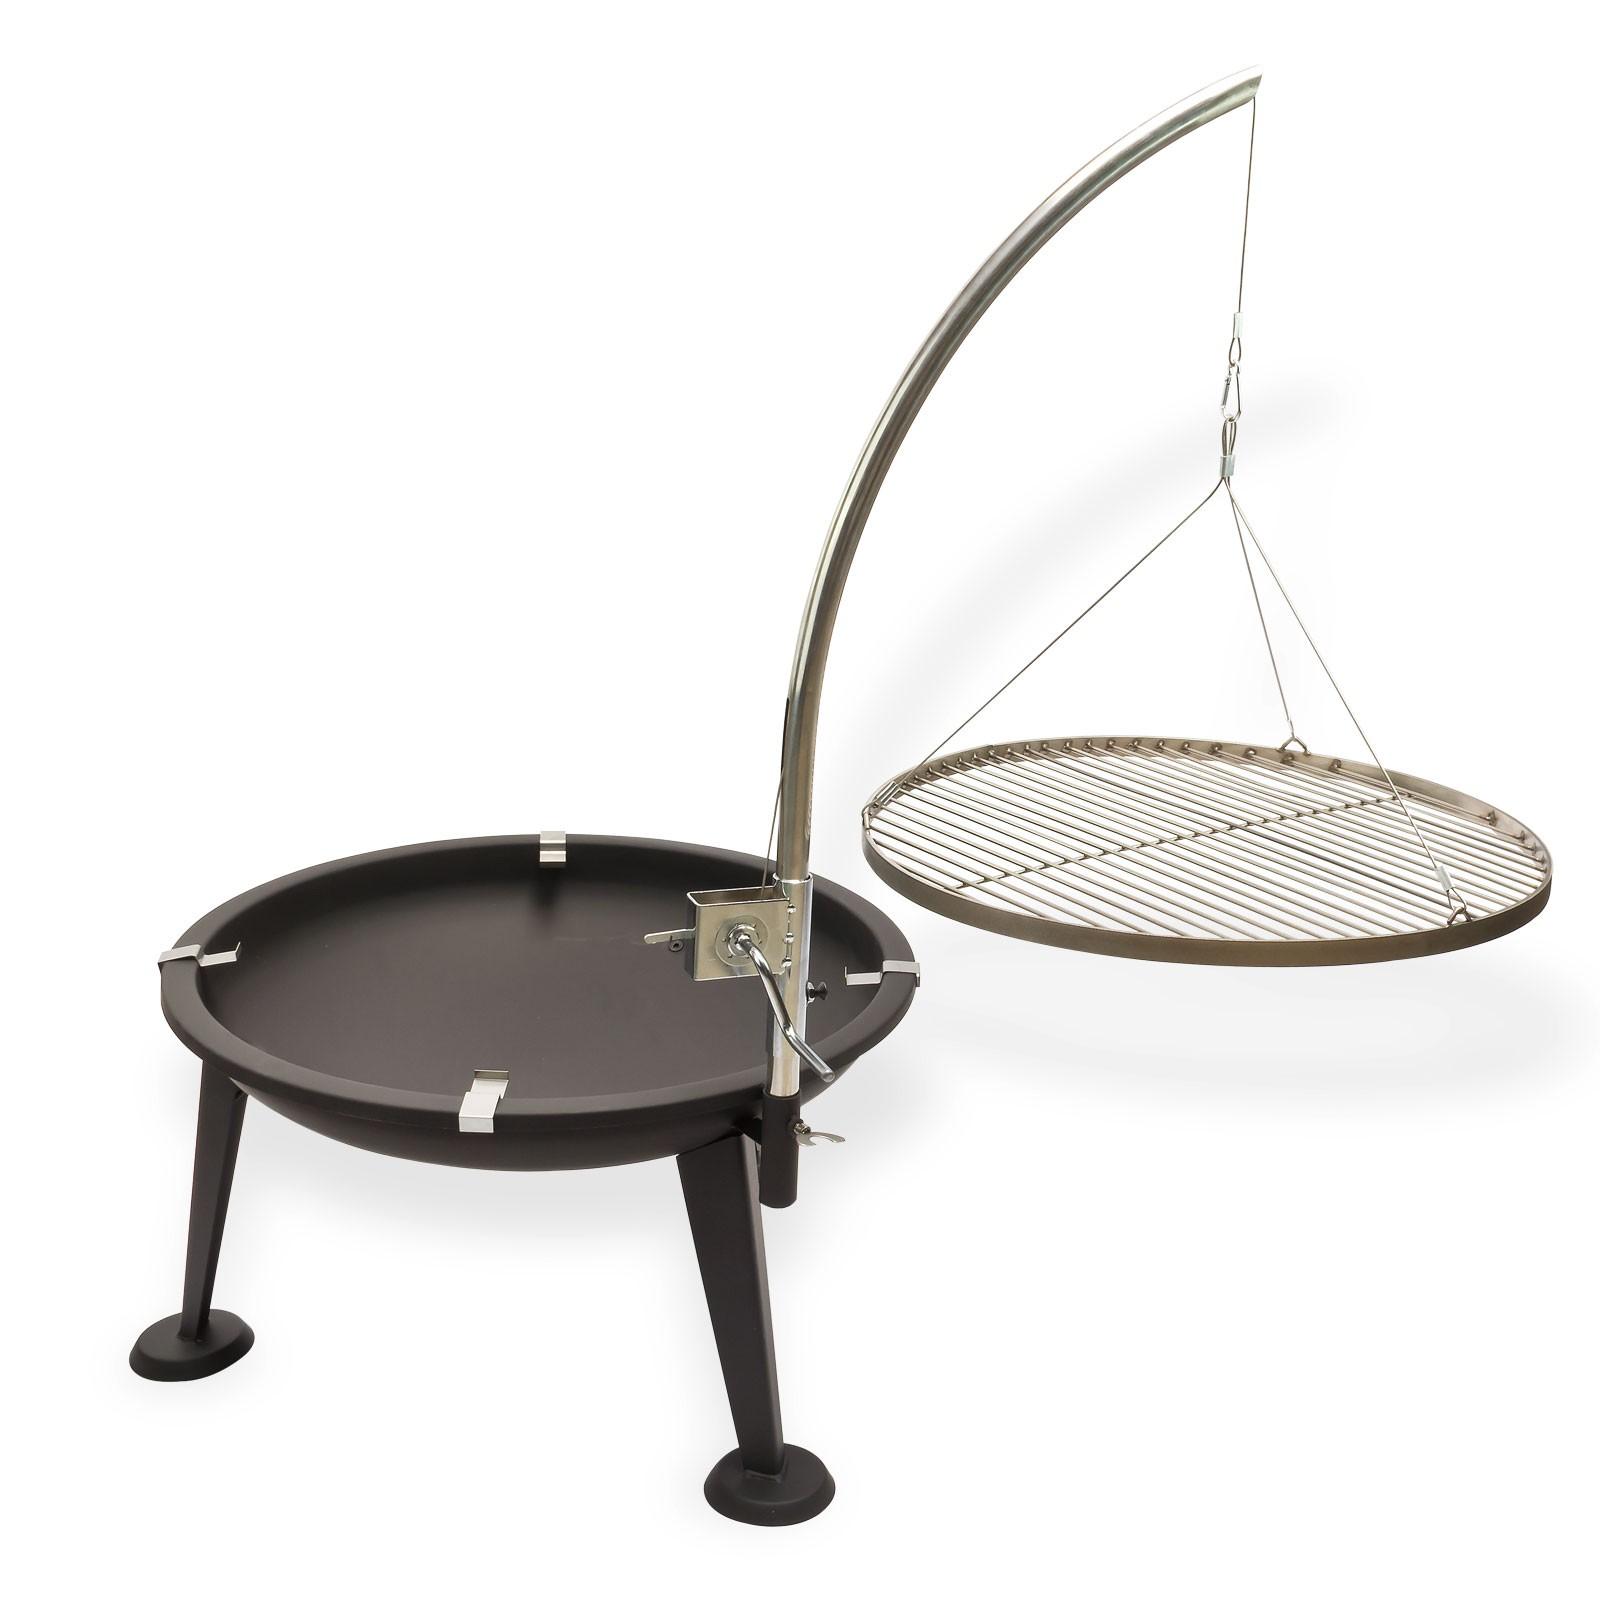 schwenkgrill holzkohlegrill oregon 3 beinig 55 cm tw edelstahl. Black Bedroom Furniture Sets. Home Design Ideas